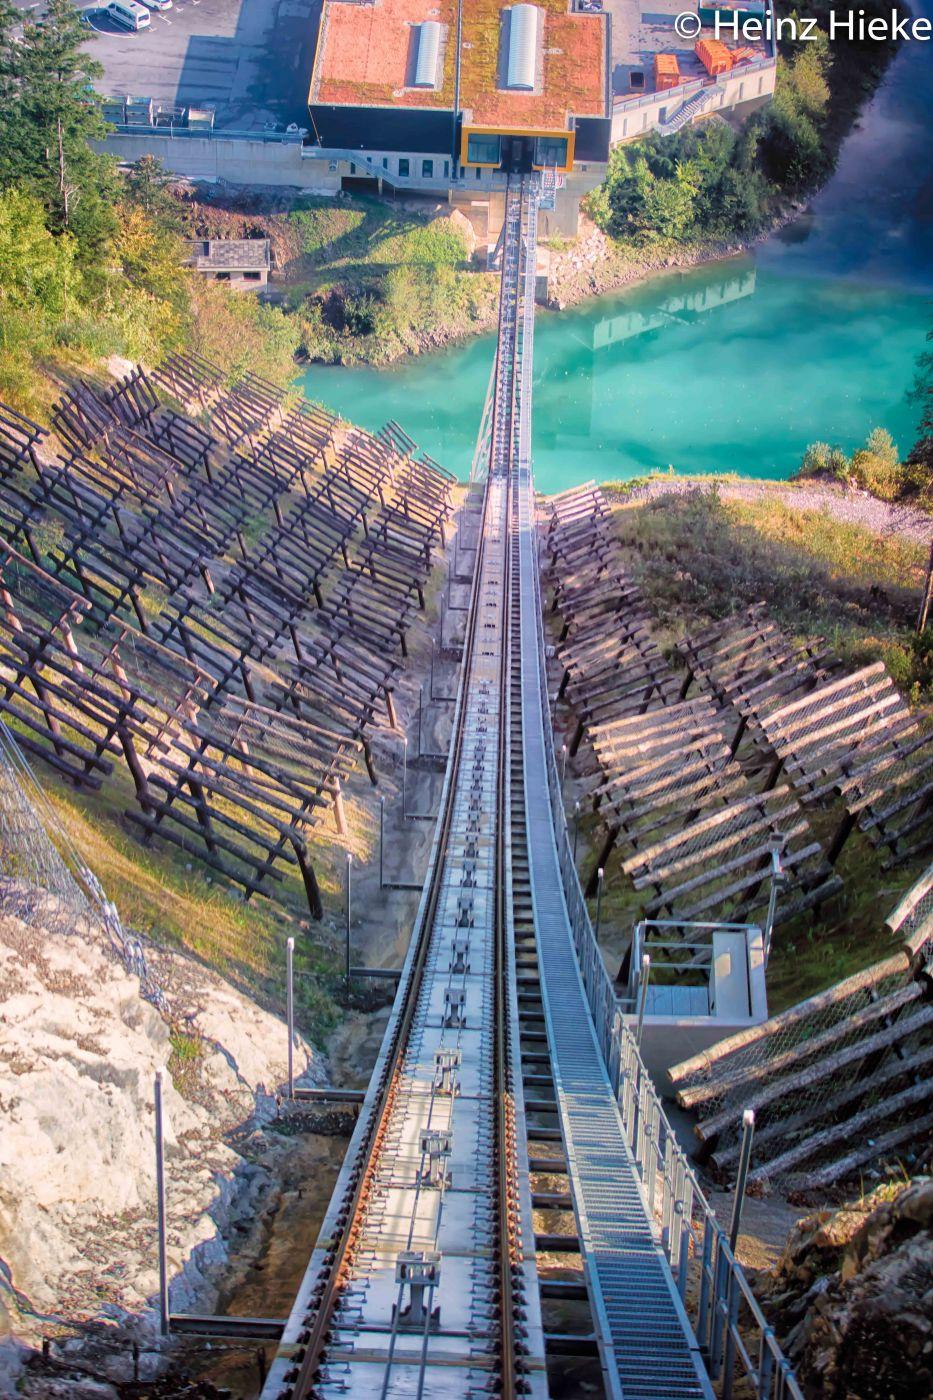 Schlattliblick, Switzerland